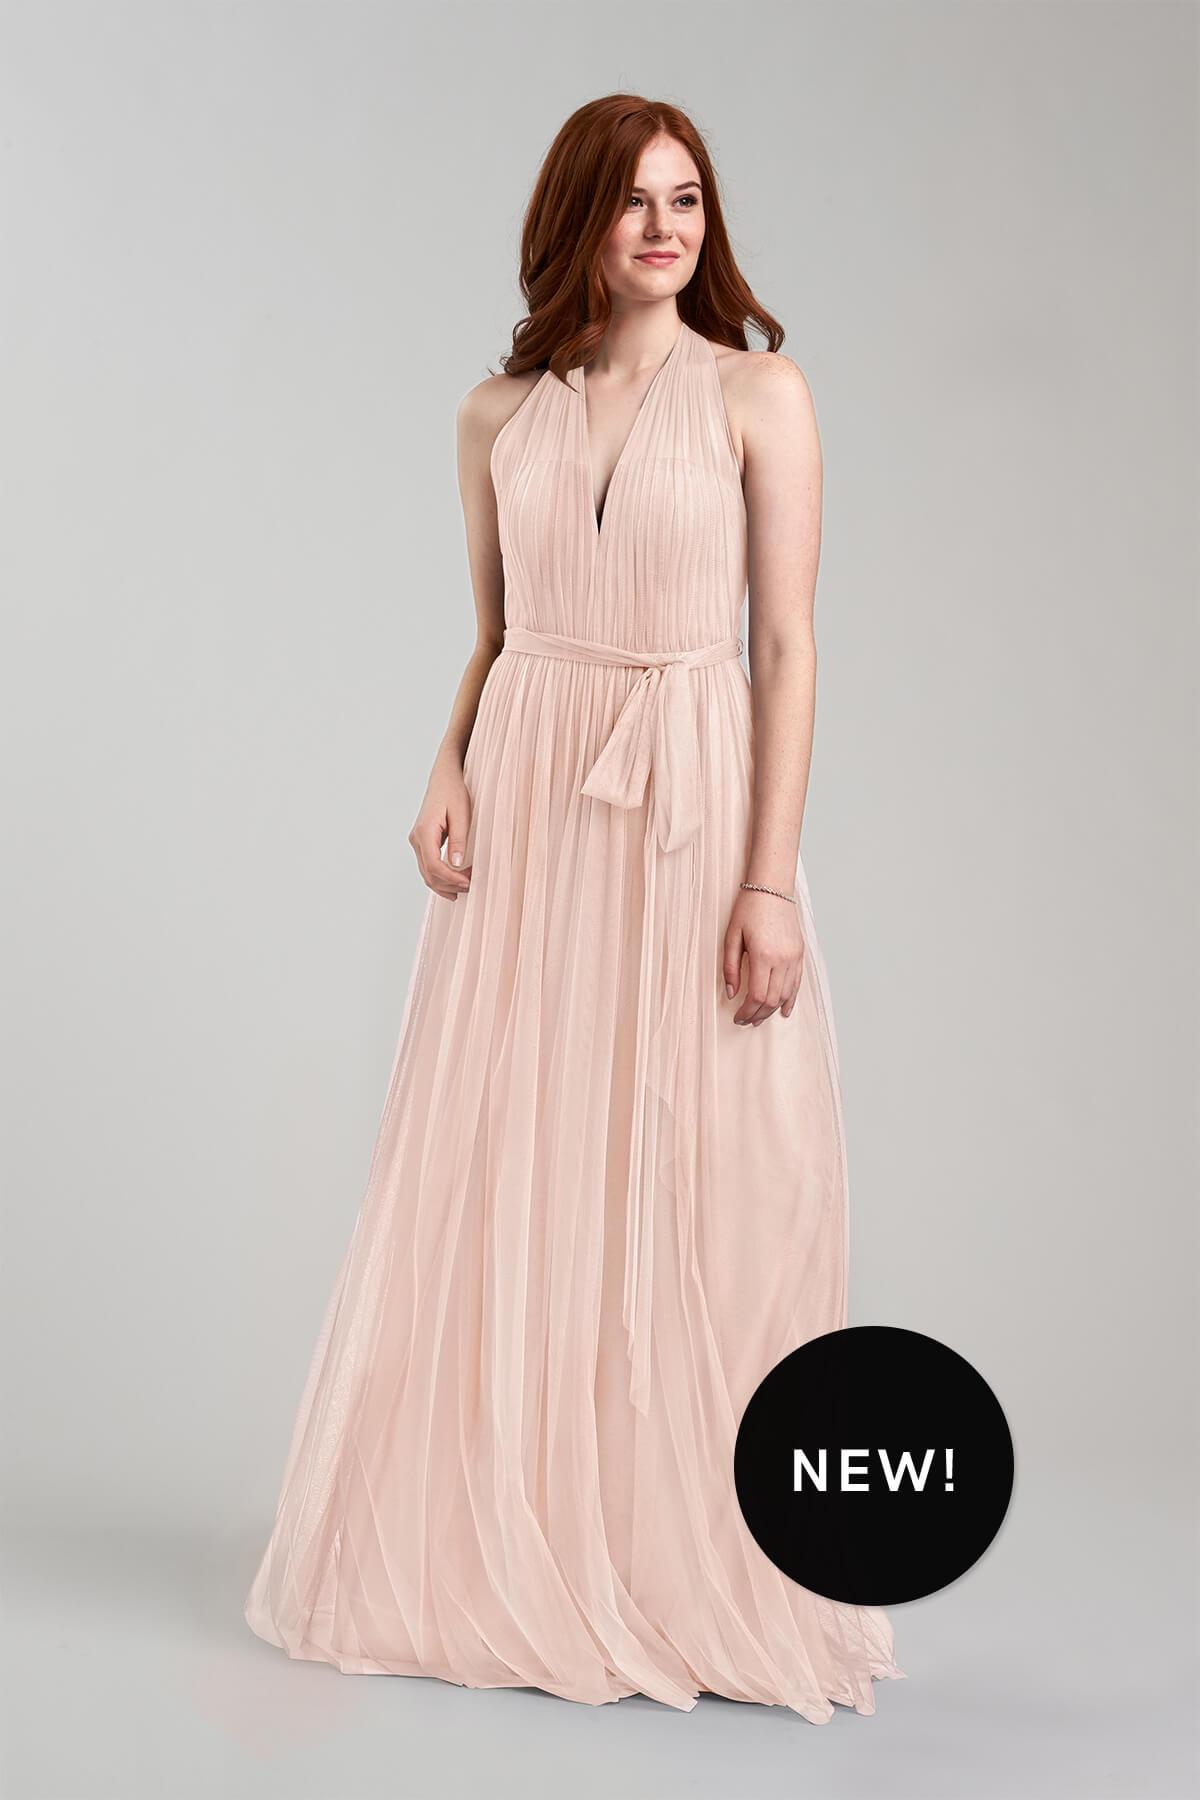 Moderno Bridesmaid Dresses Limerick Bosquejo - Colección de Vestidos ...